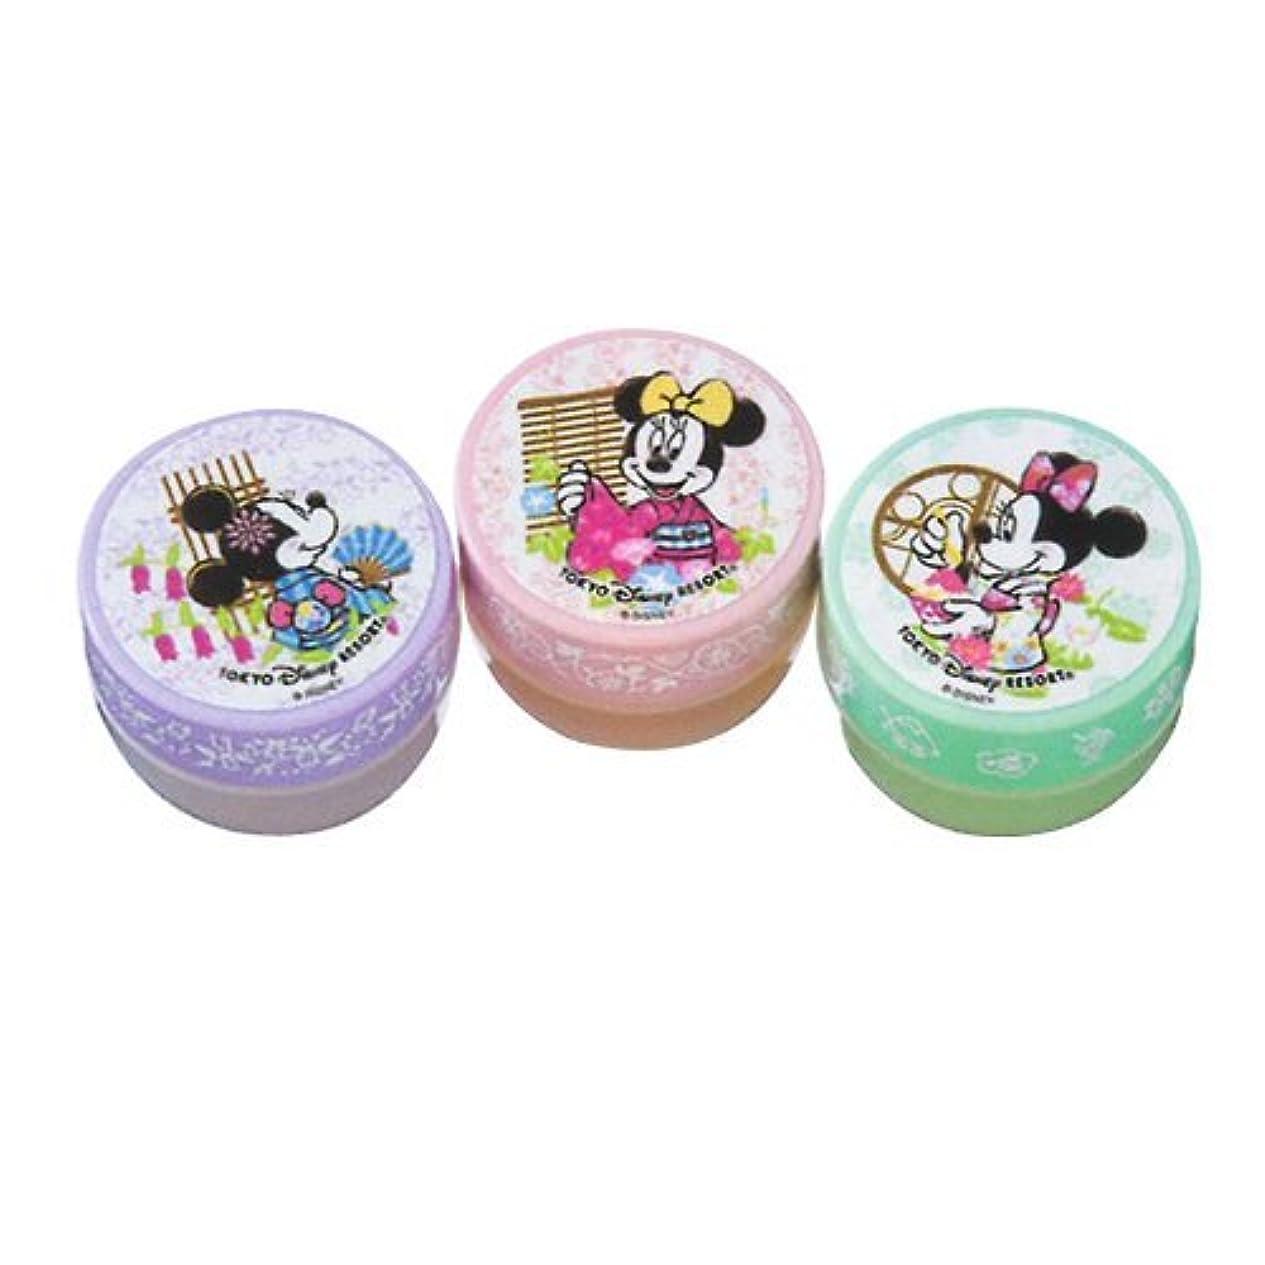 はっきりとちょっと待ってミルミニーマウス ハンドクリームセット 浴衣柄 【東京ディズニーリゾート限定】